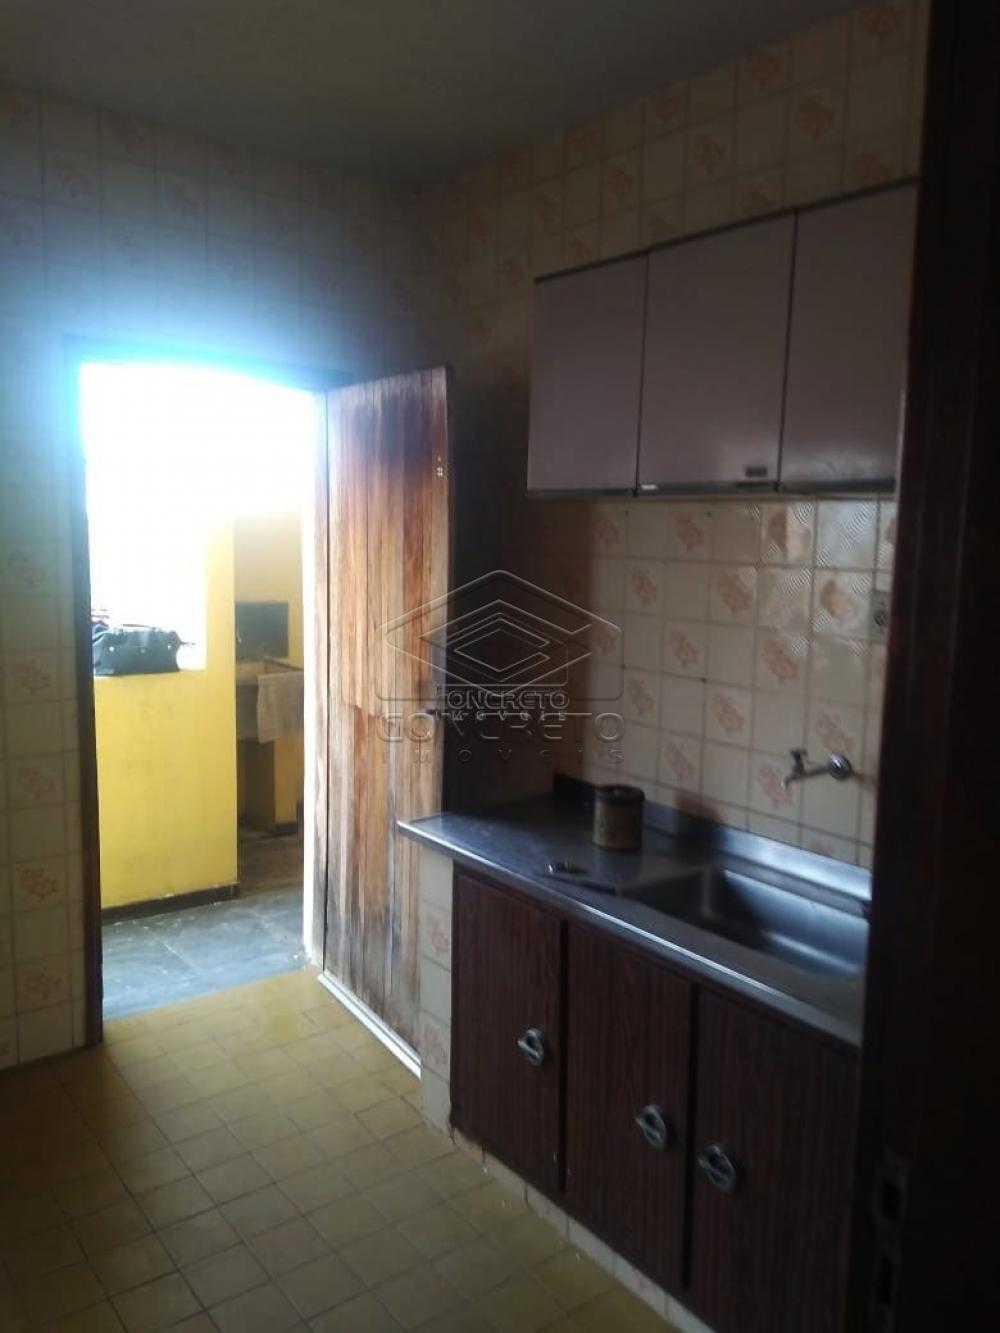 Comprar Casa / Padrão em Sao Manuel apenas R$ 350.000,00 - Foto 5